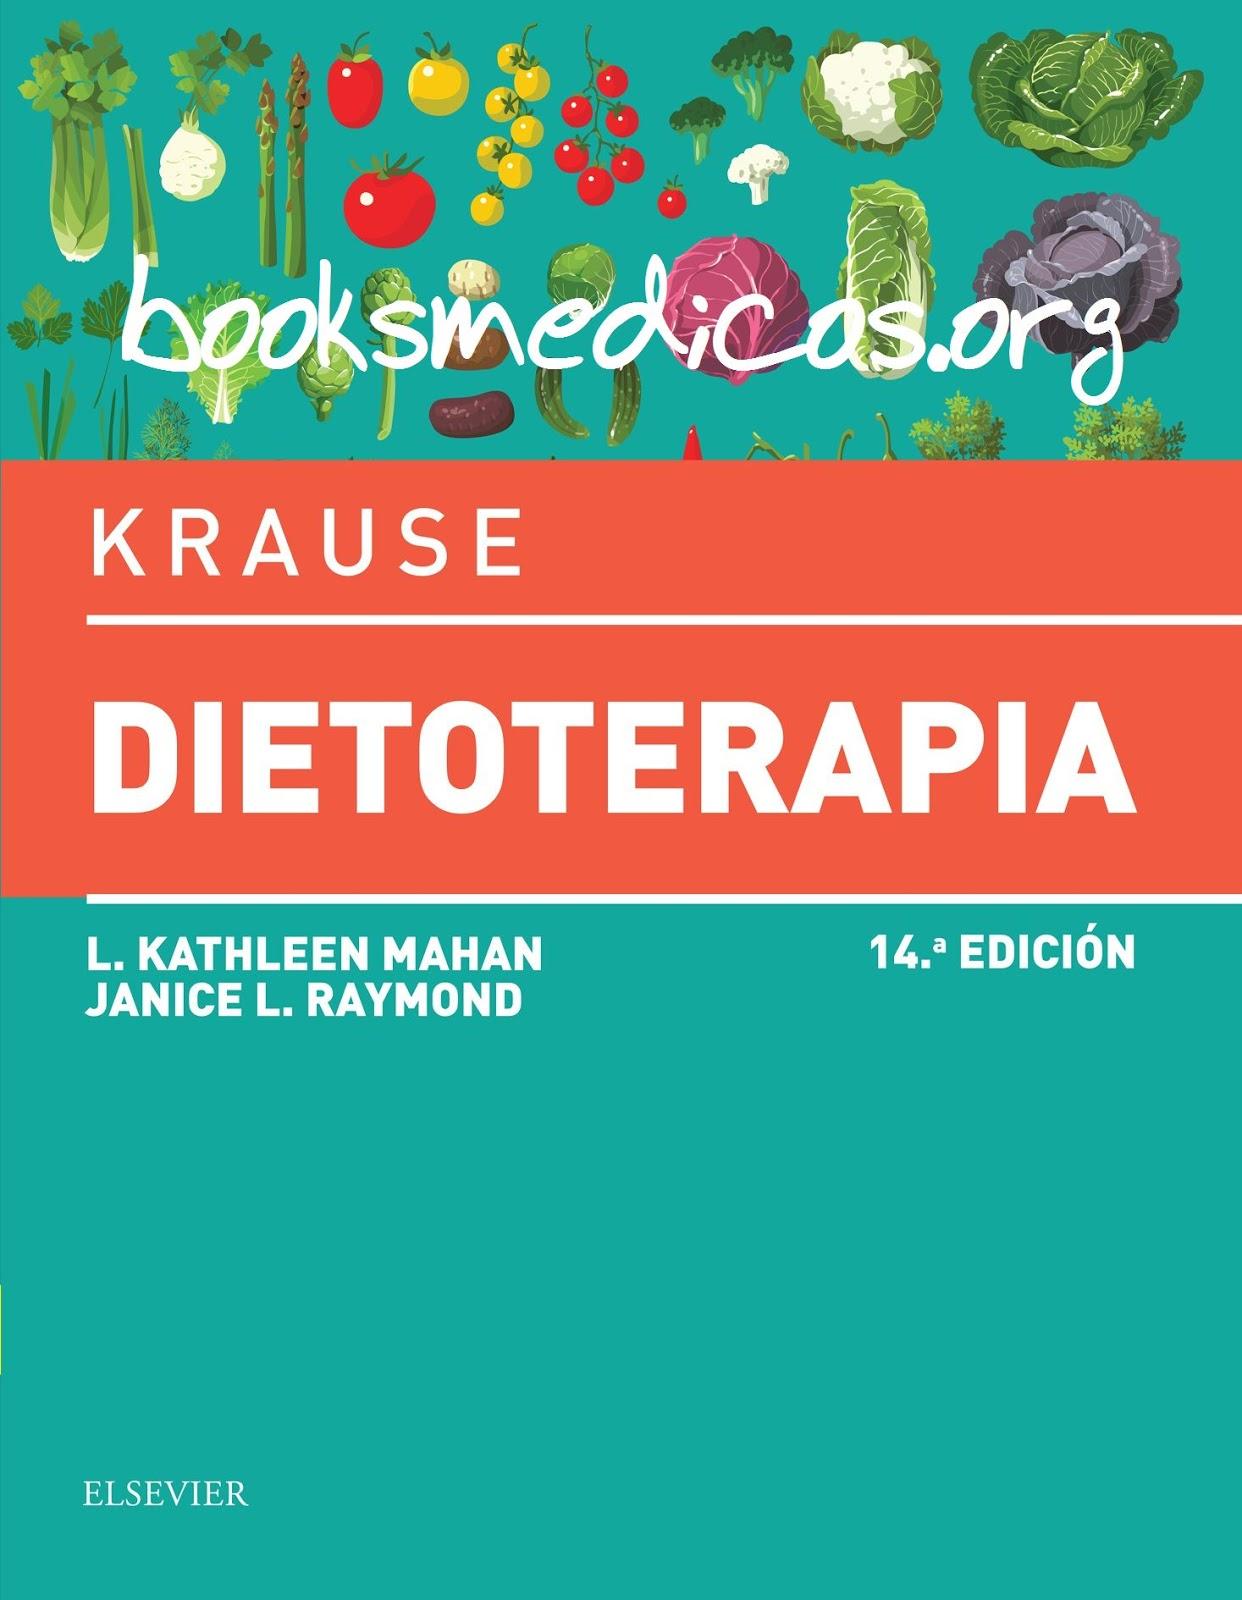 Nutricion Y Dietoterapia De Krause 12 Edicion Pdf